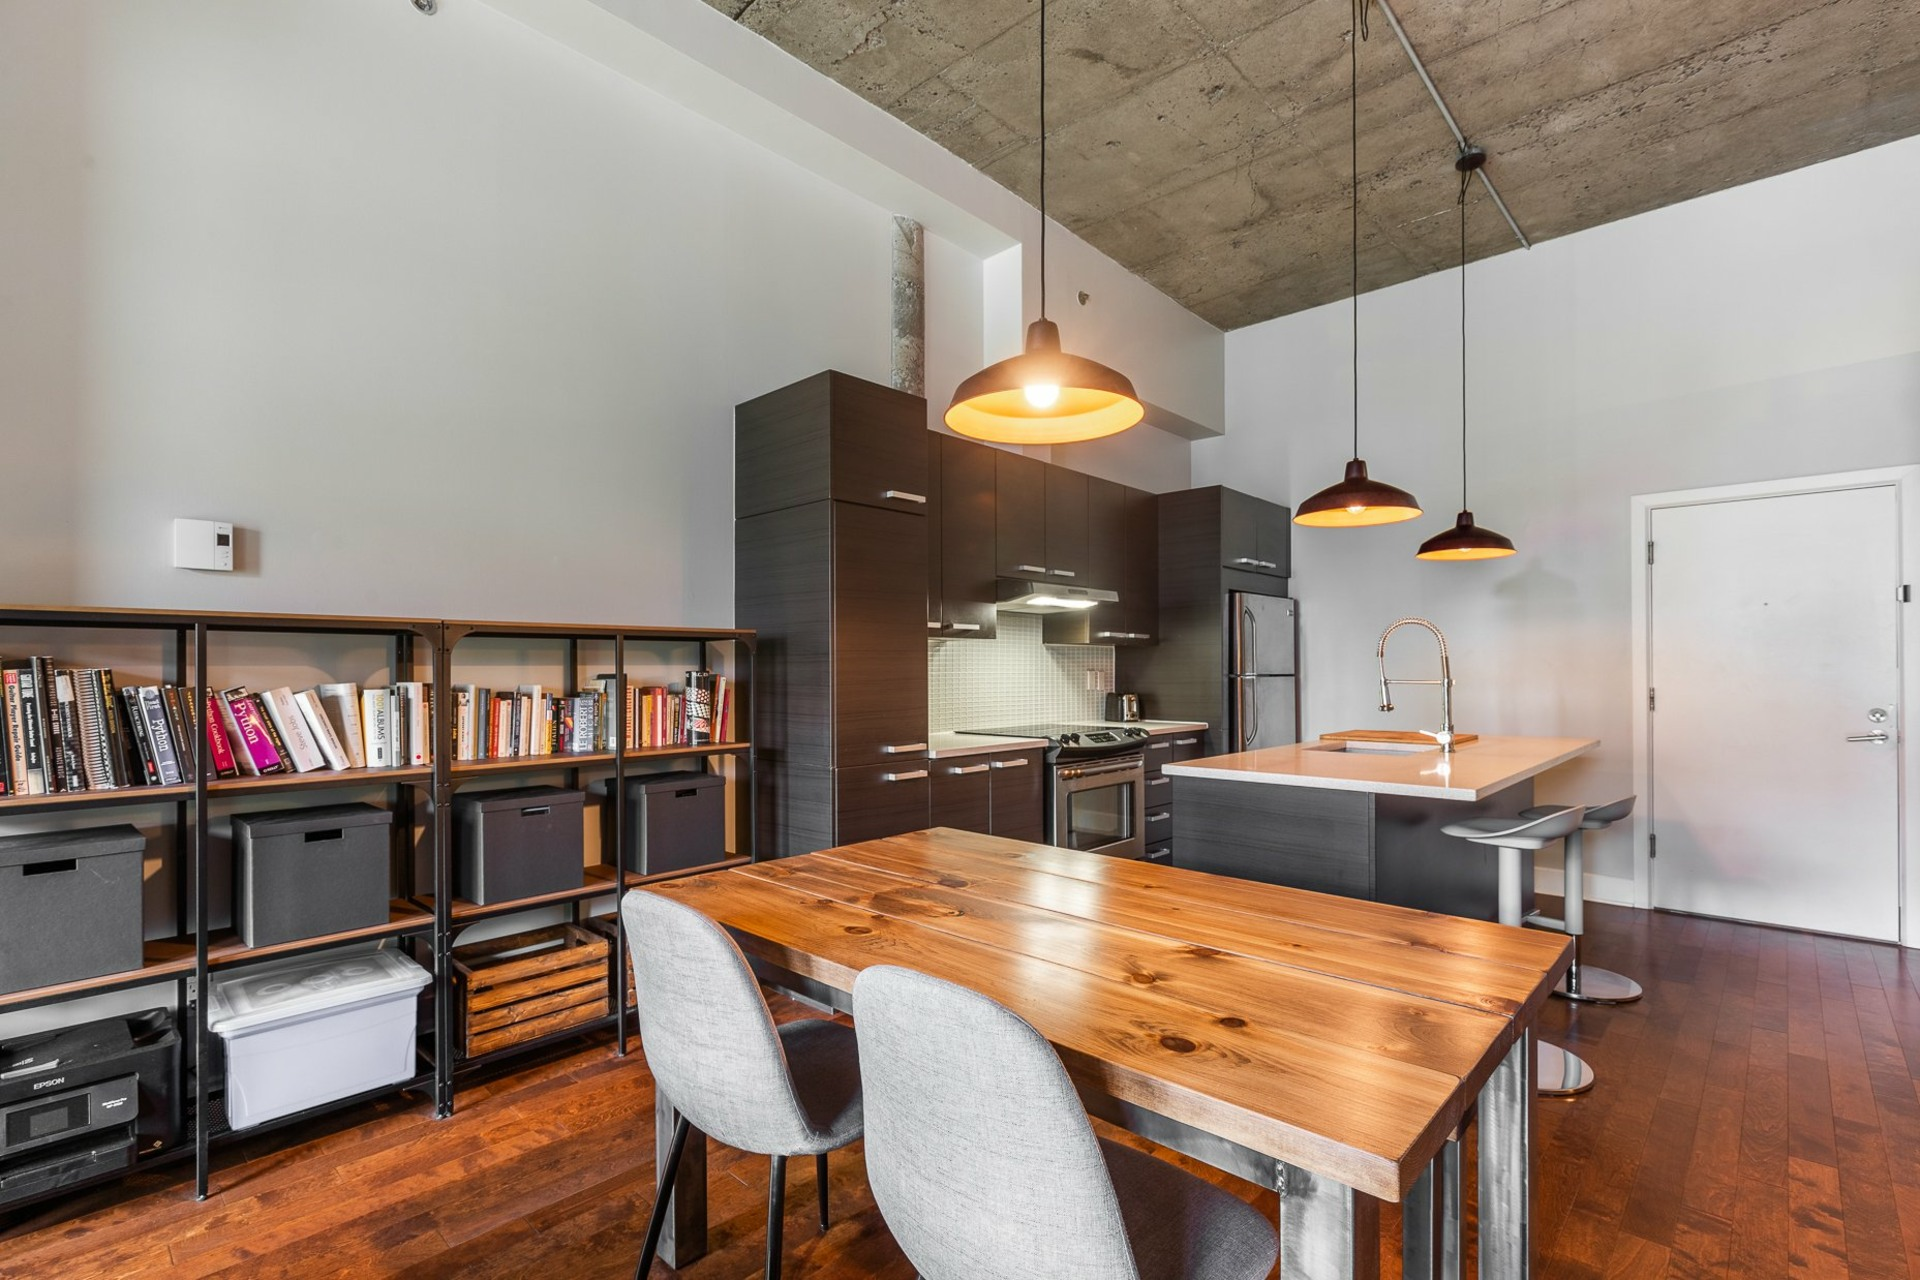 image 9 - Appartement À vendre Villeray/Saint-Michel/Parc-Extension Montréal  - 1 pièce